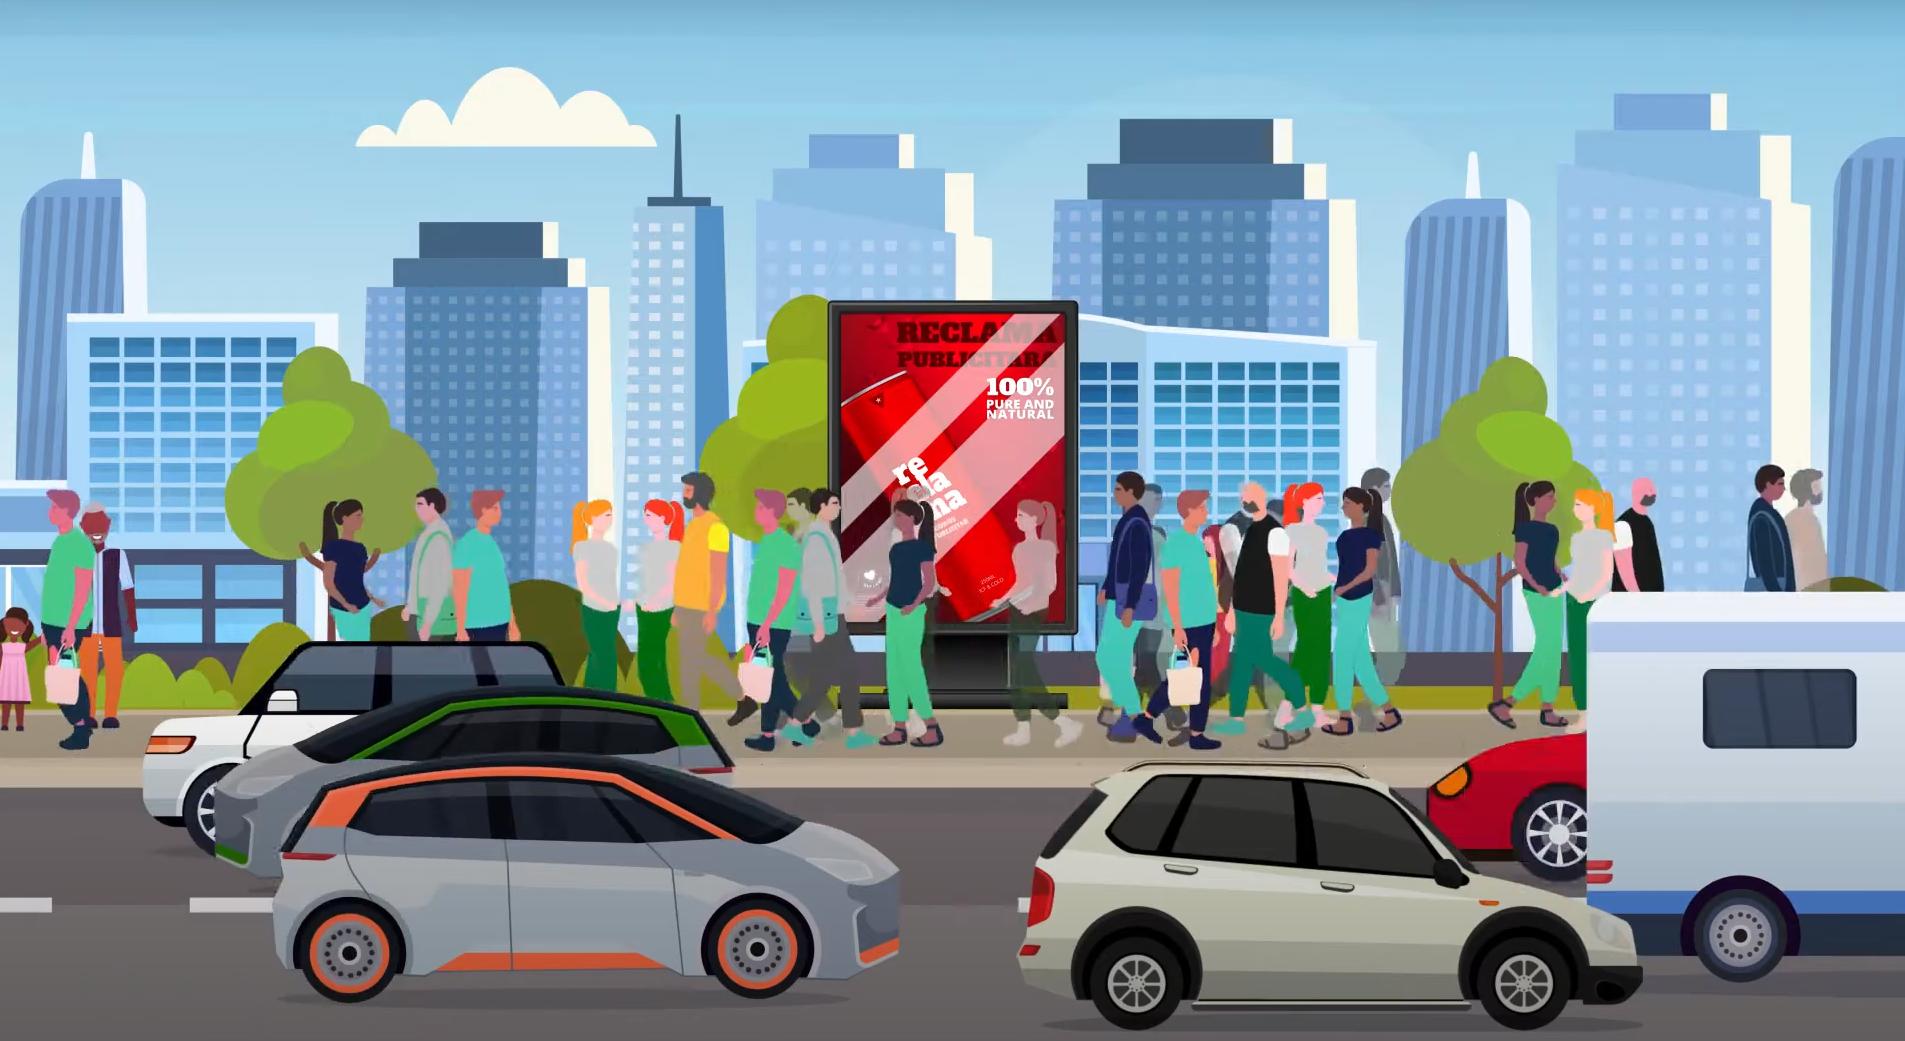 Panou publicitar amplasat în oraș